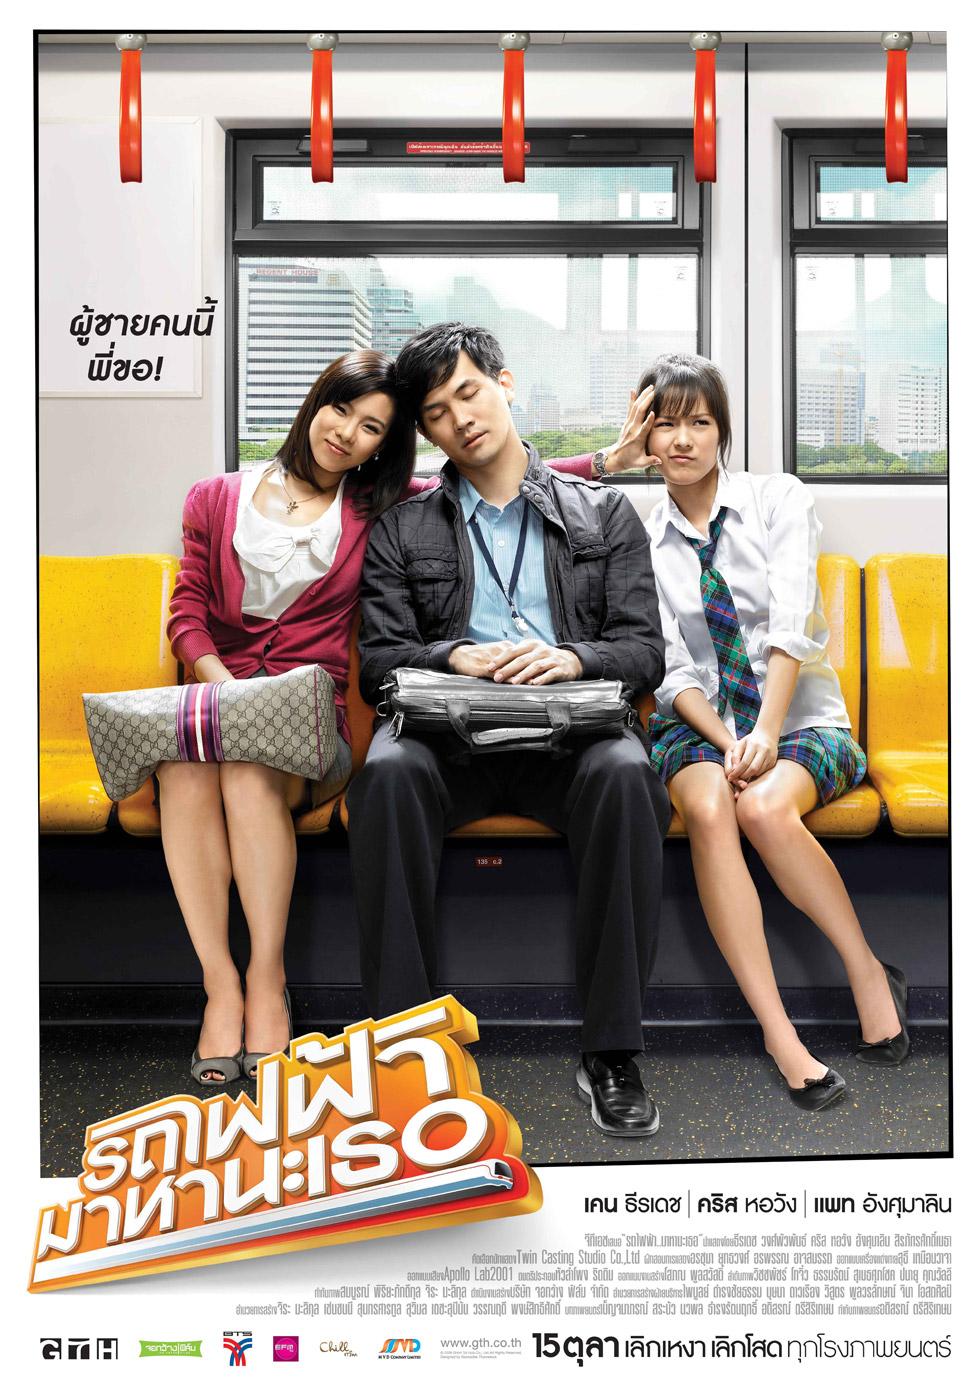 http://1.bp.blogspot.com/-orSW5dToayo/T_jBMJjyESI/AAAAAAAABgs/CTmgaL-G4Go/s1600/Bangkok%2BTraffic%2BLove%2BStory%2B2009%2B360s.vn.jpg